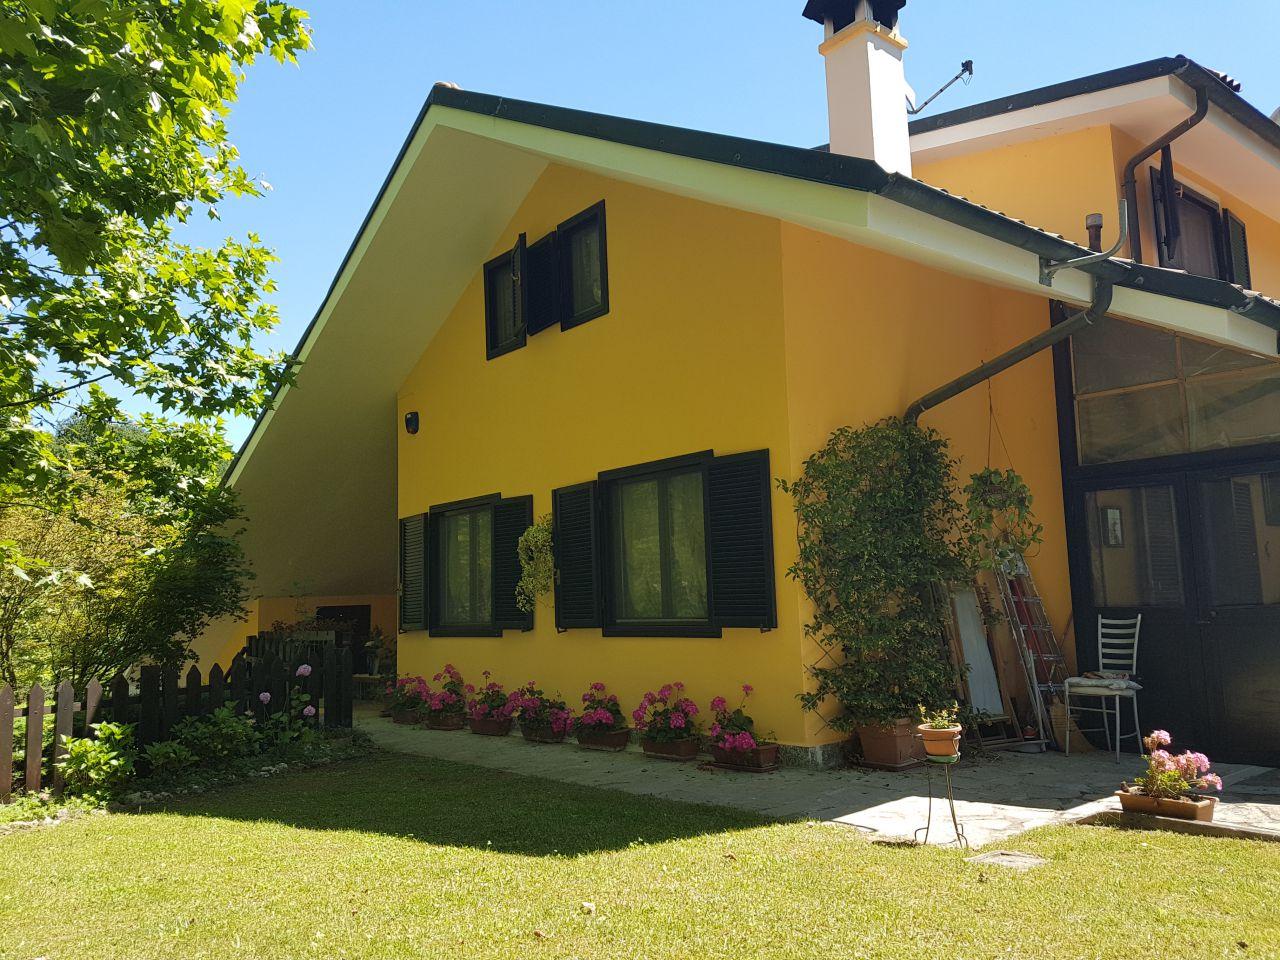 Soluzione Indipendente in vendita a Cavagnolo, 5 locali, prezzo € 125.000 | CambioCasa.it